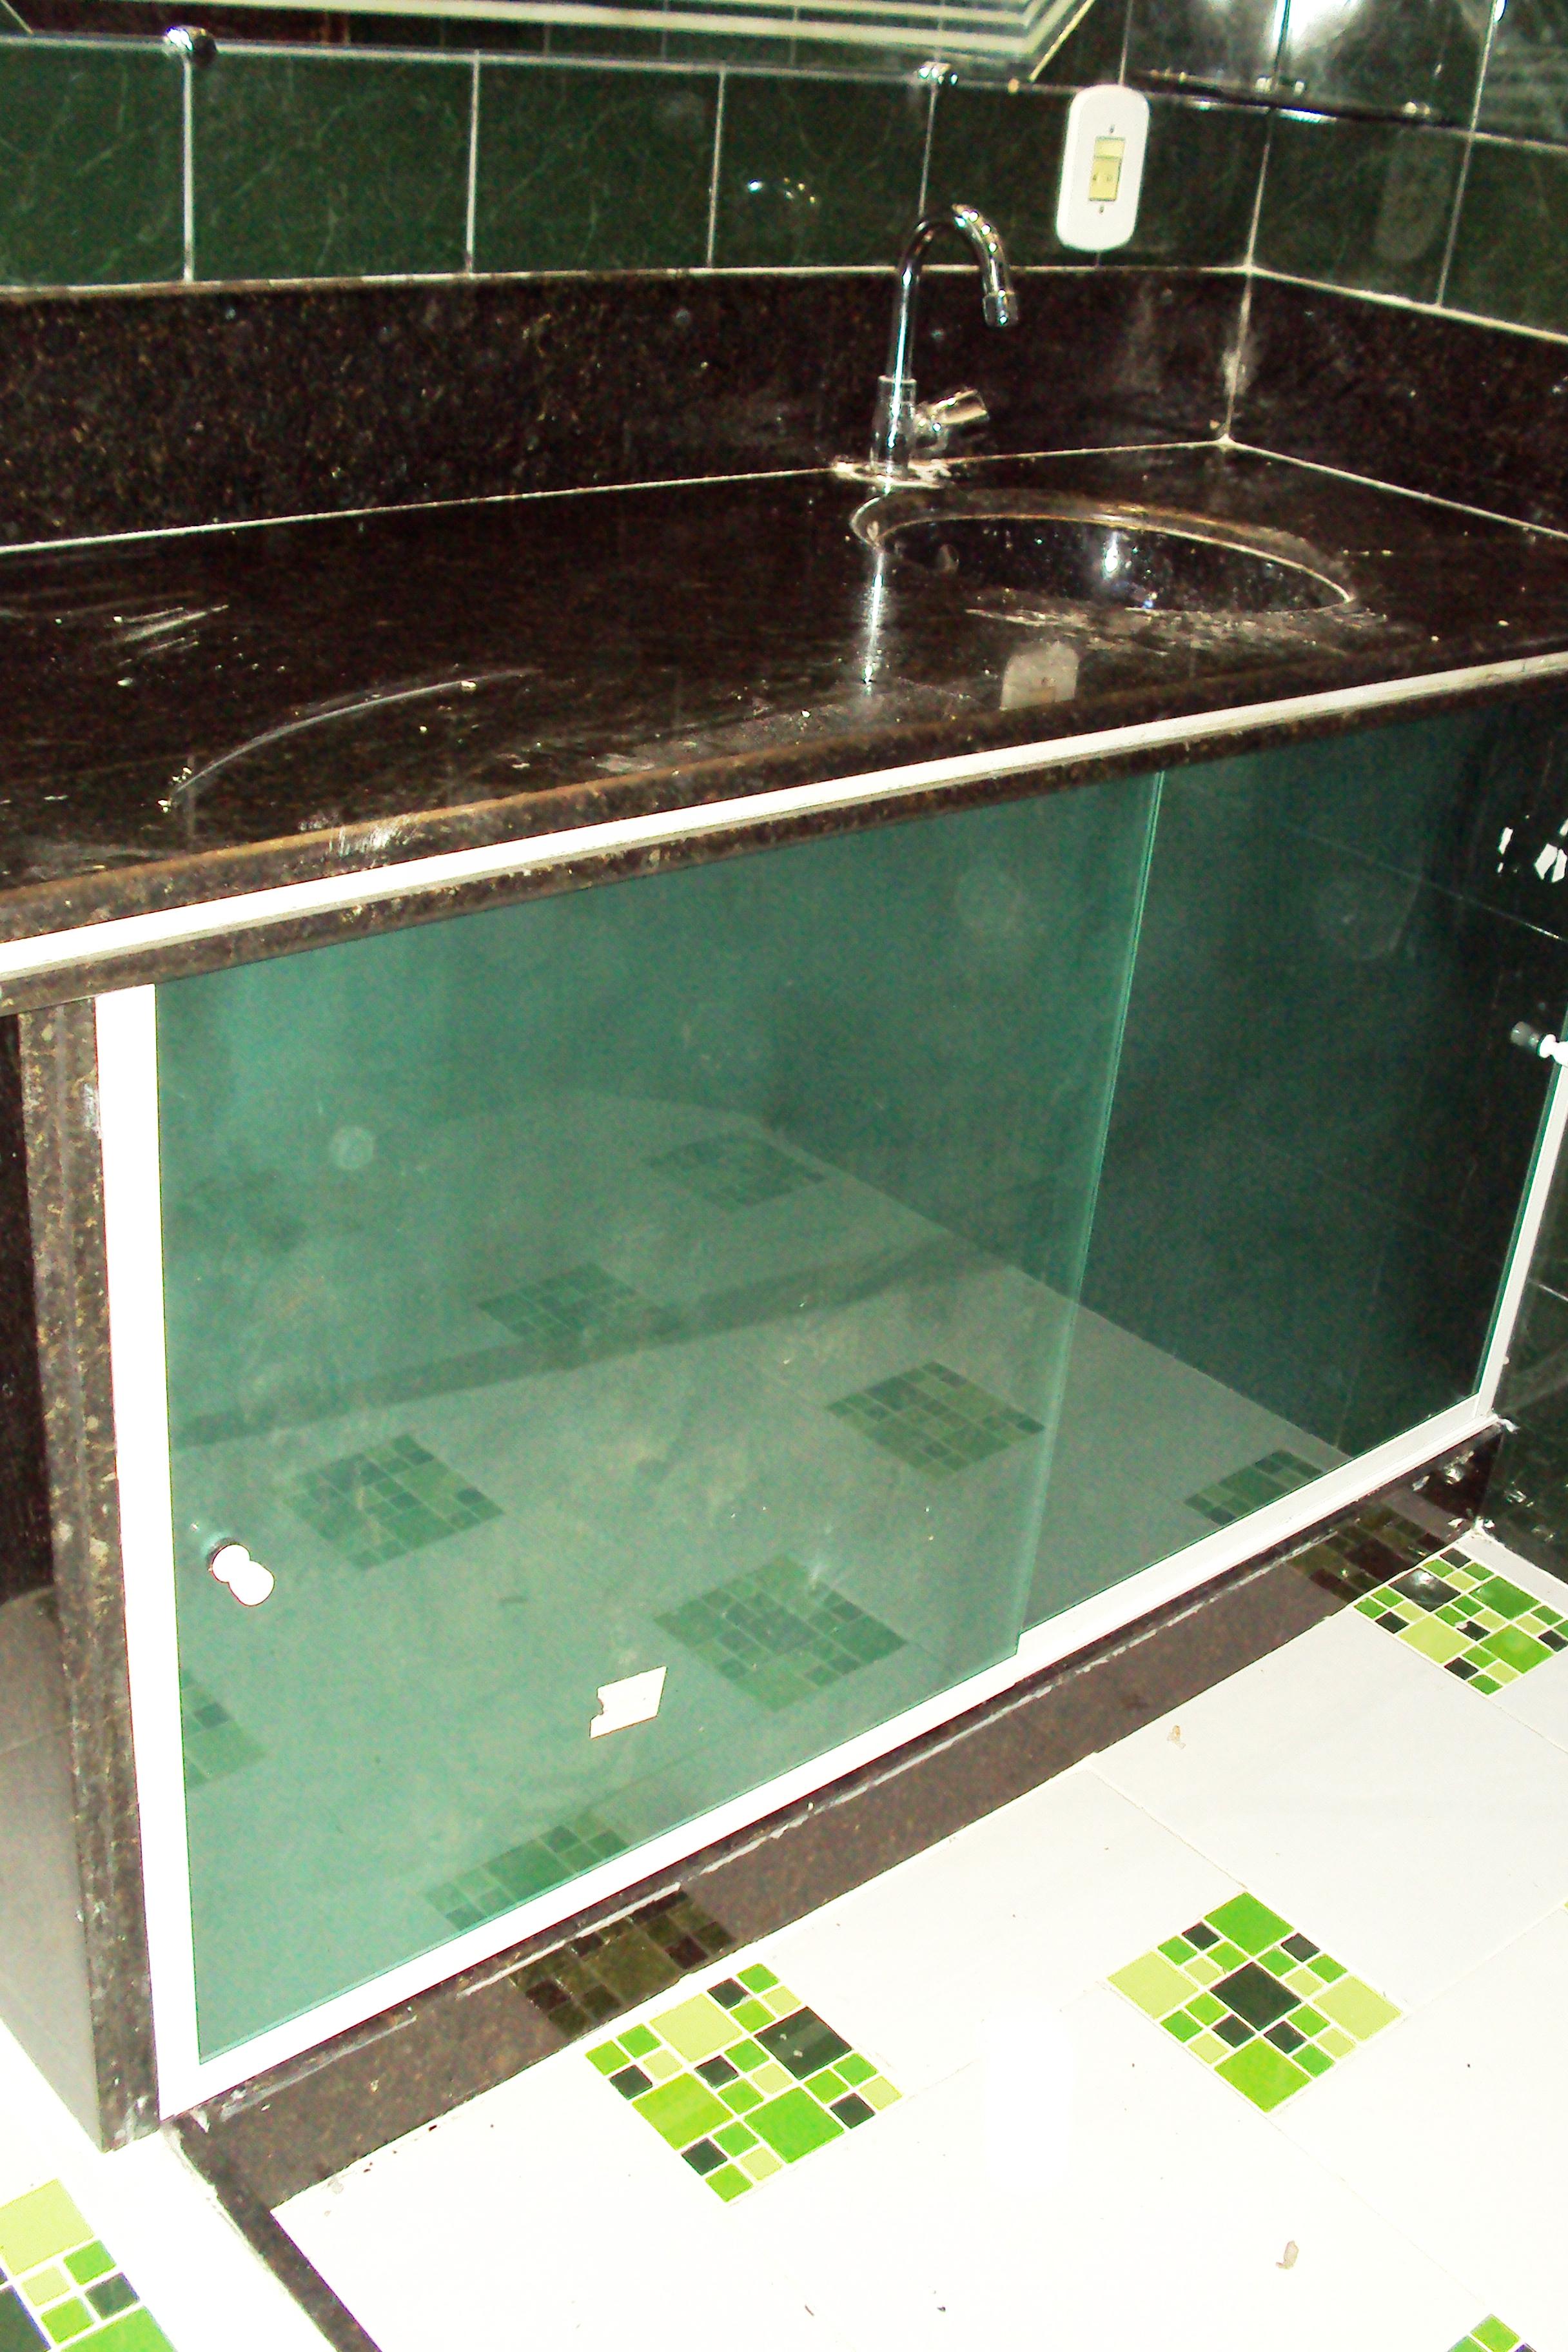 armario de pia em blindex armario em blindex armario de pia em blindex #6FAA21 2432x3648 Armario De Banheiro De Blindex